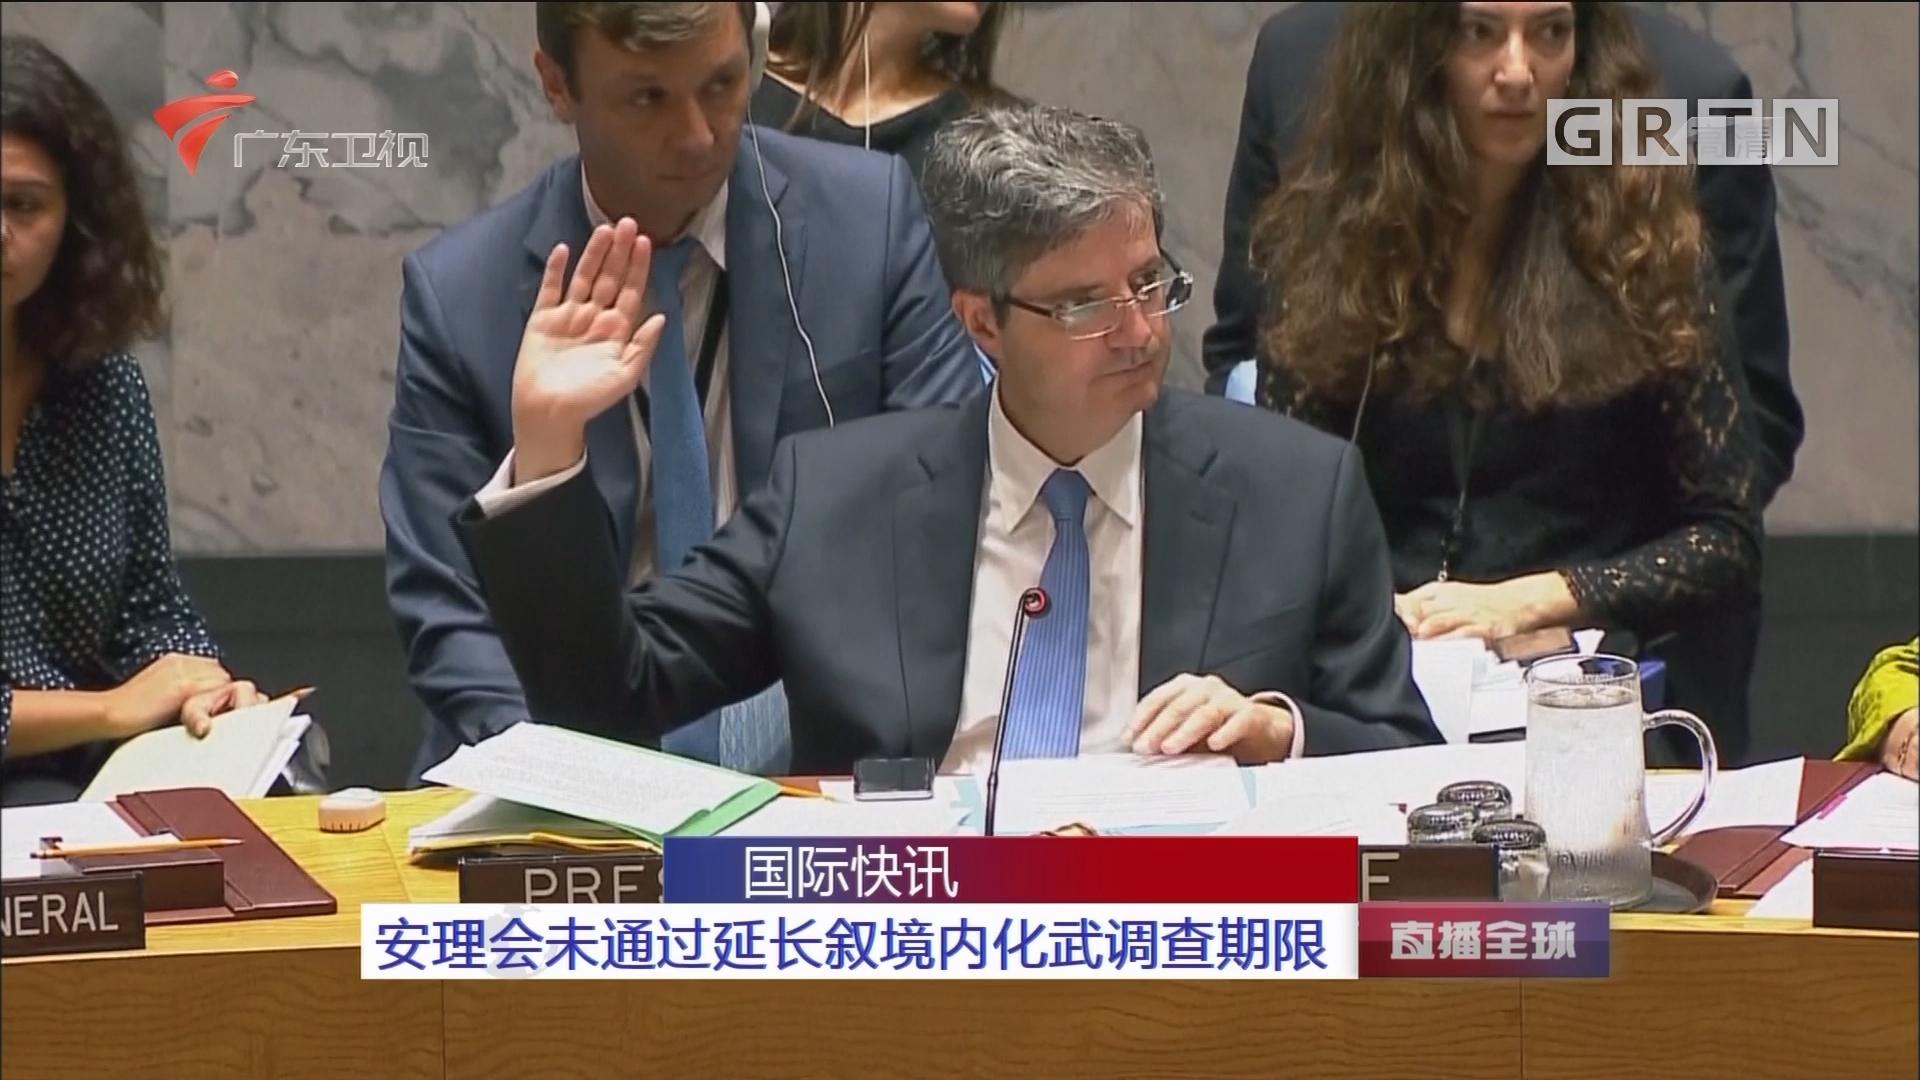 国际快讯:安理会未通过延长叙境内化武调查期限